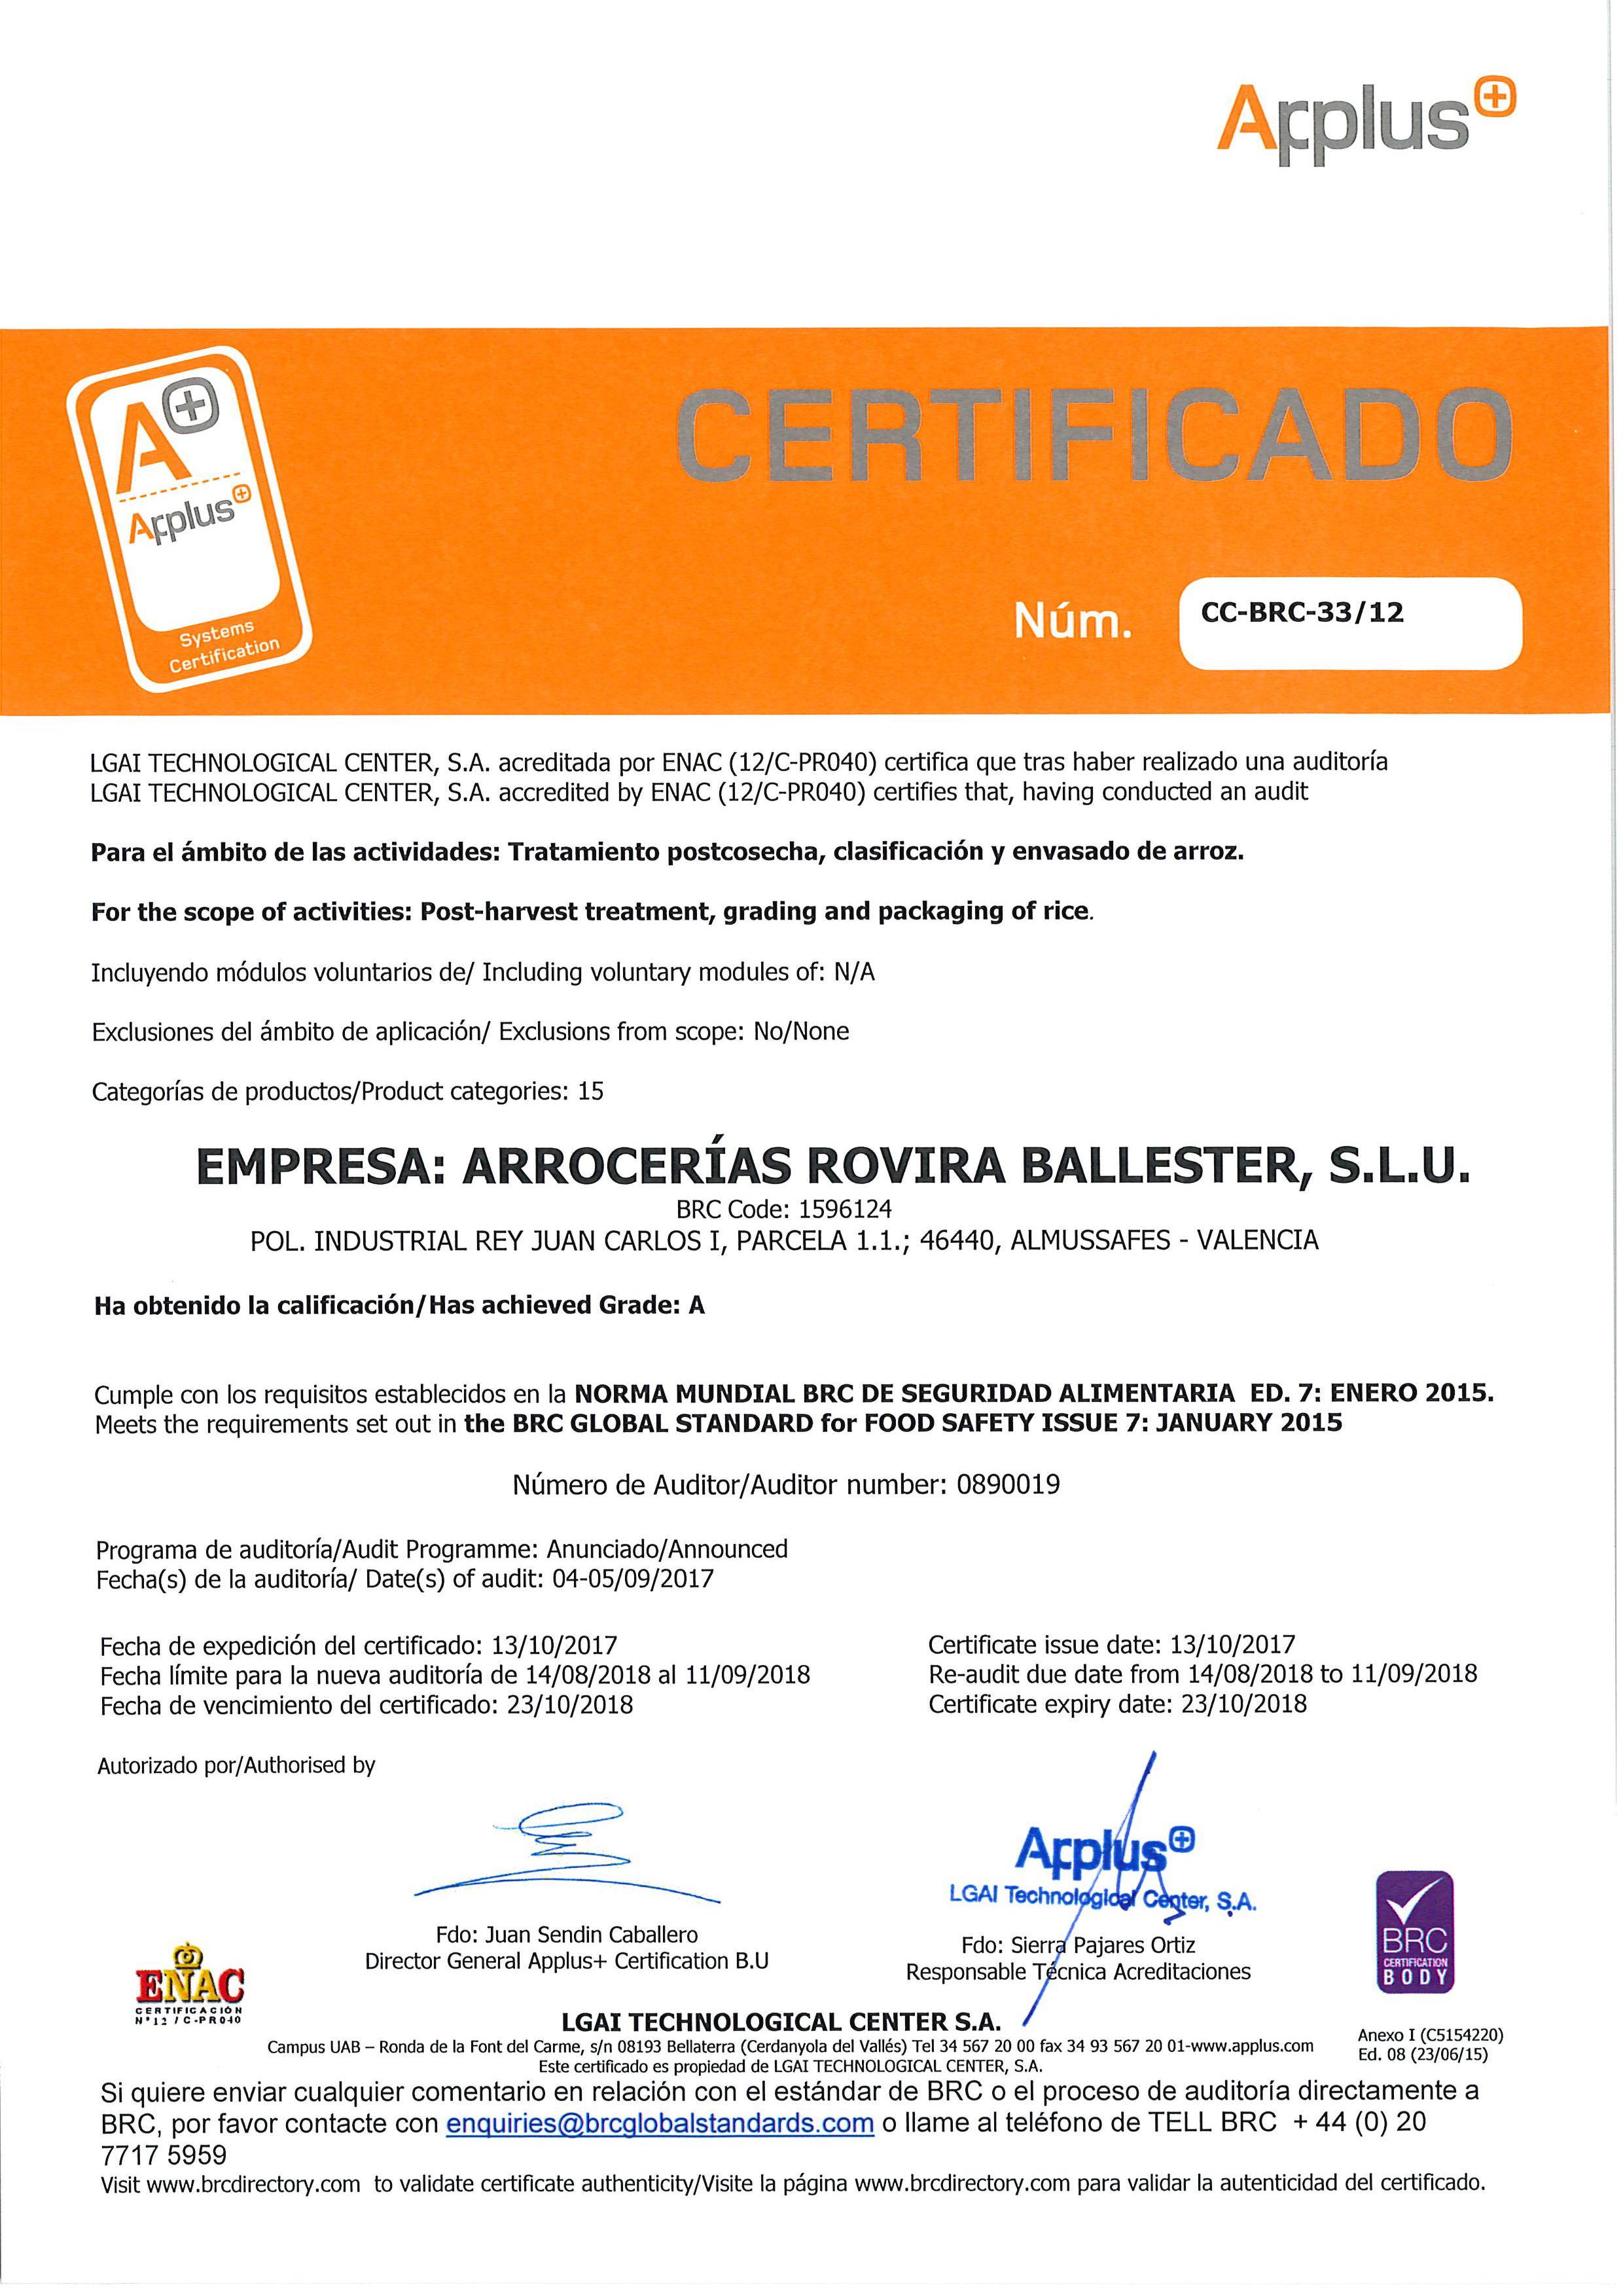 BRC Food Certificate 23102018